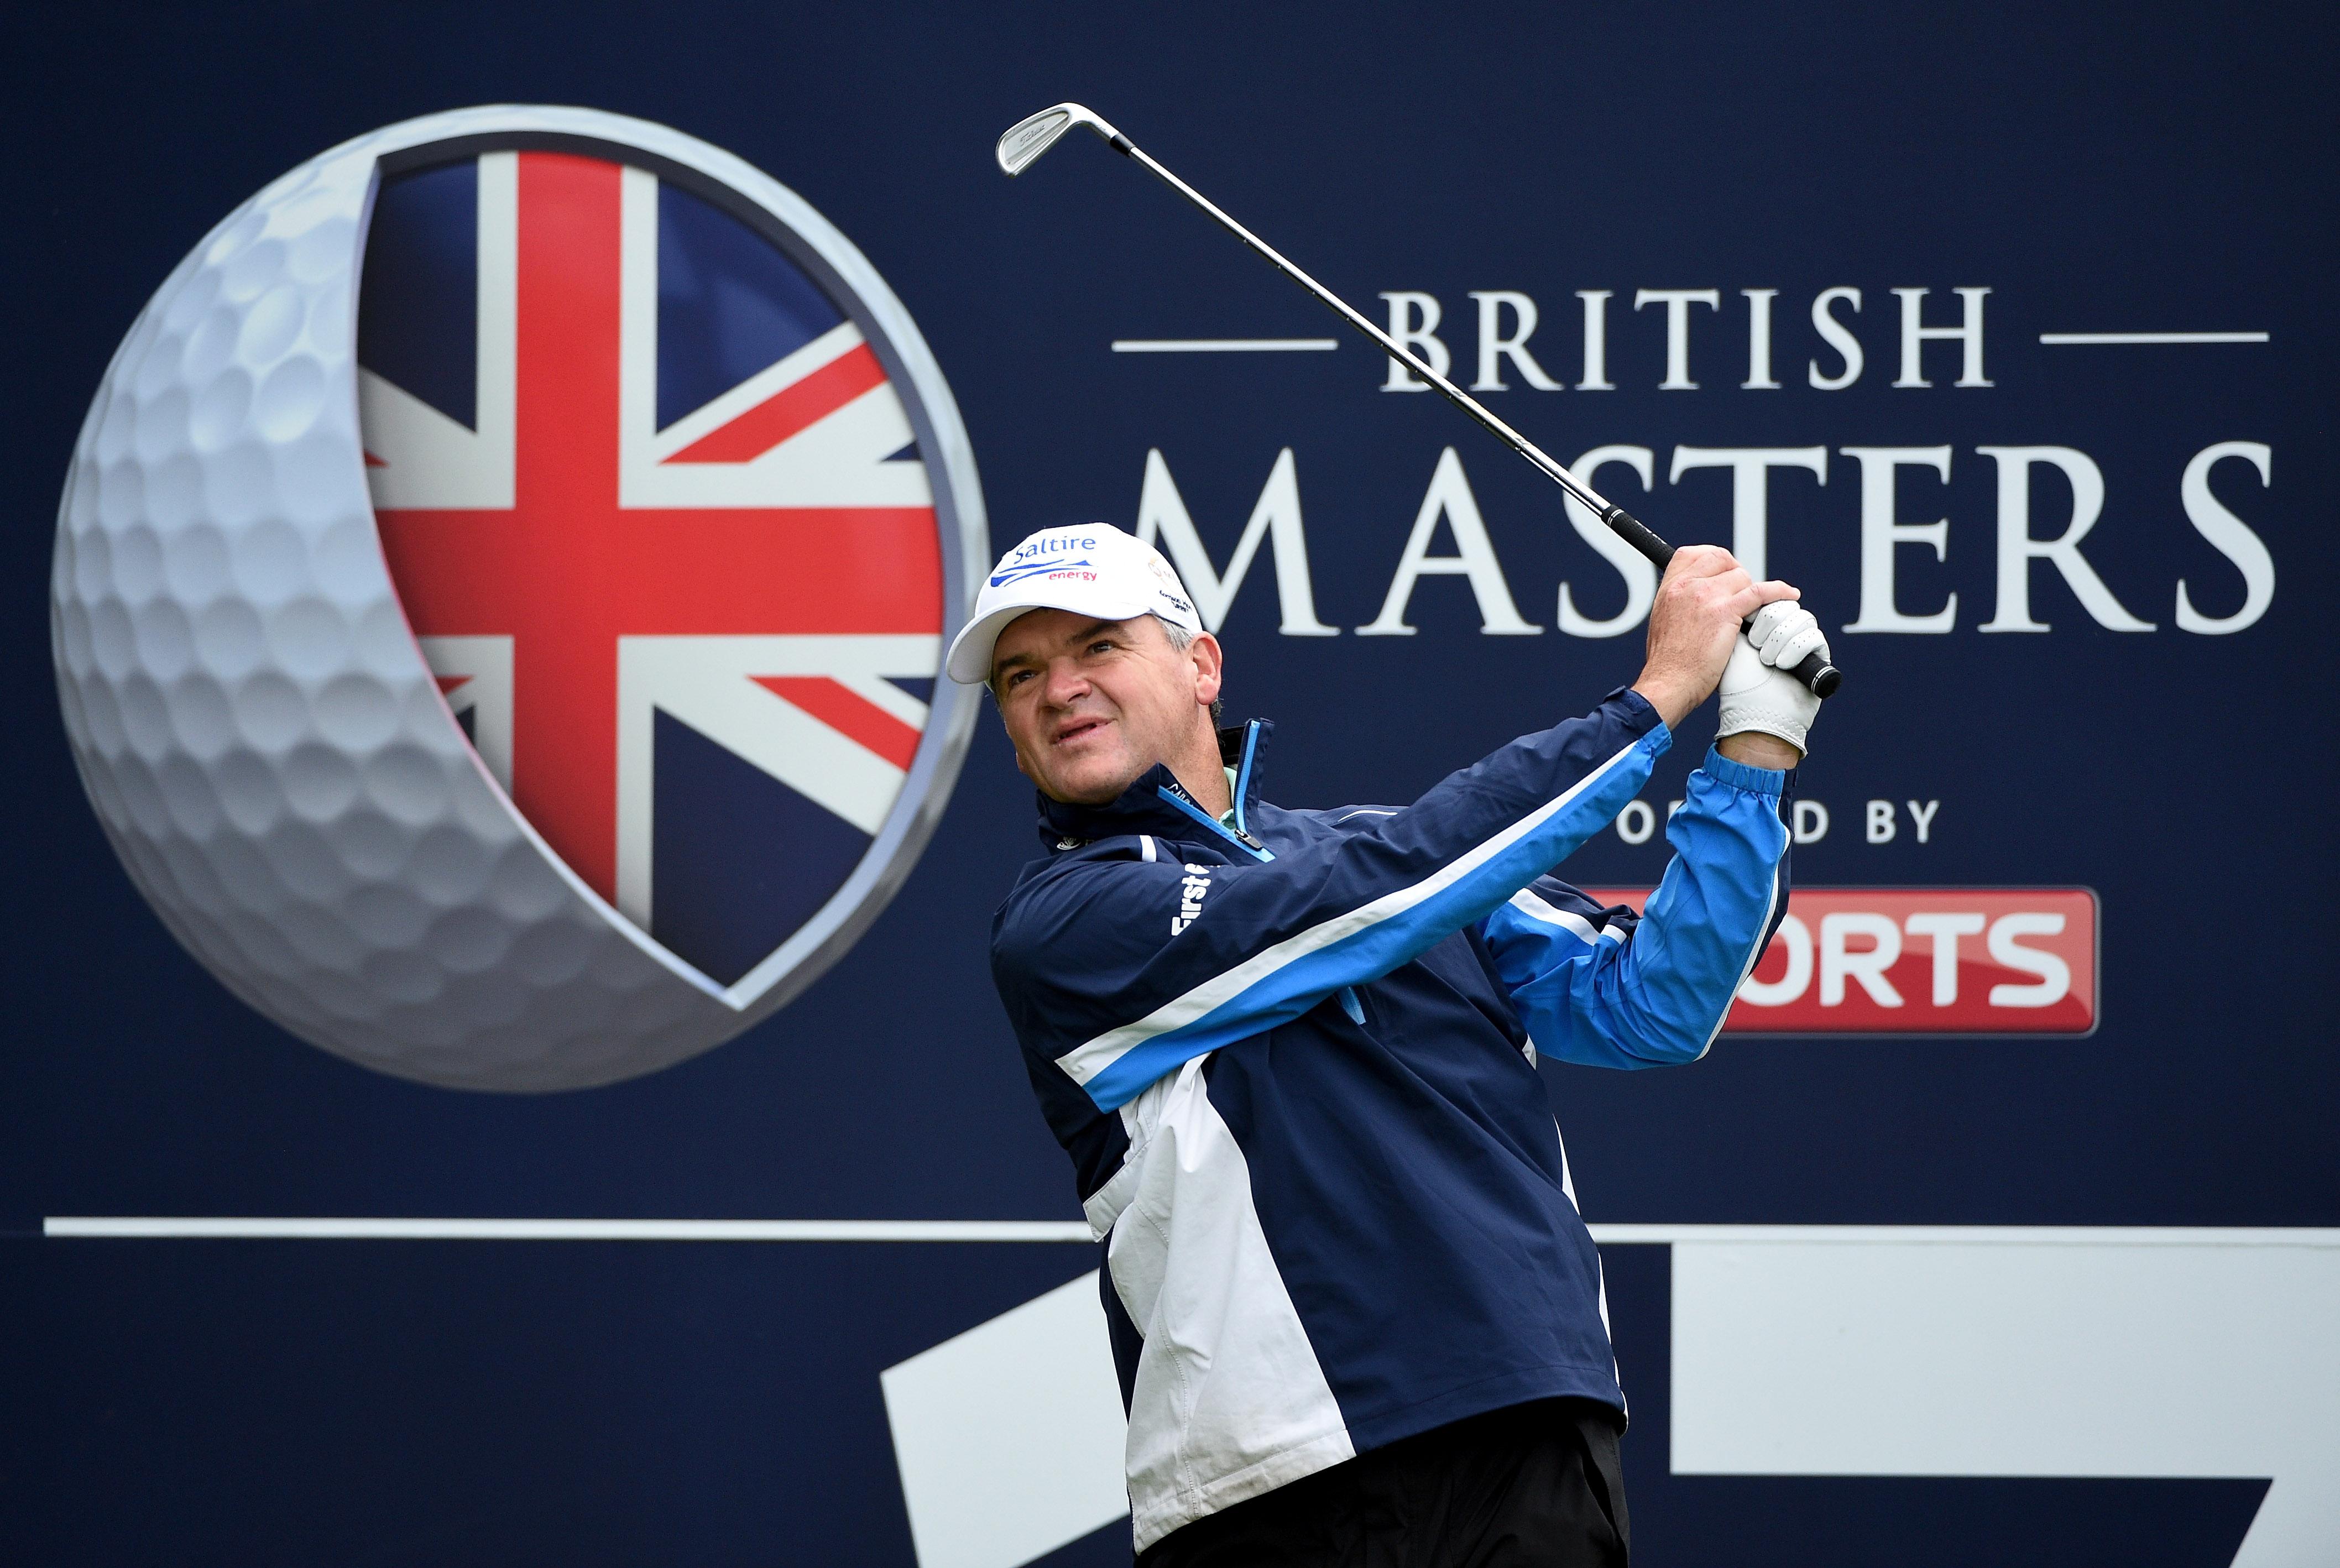 British Masters Day One